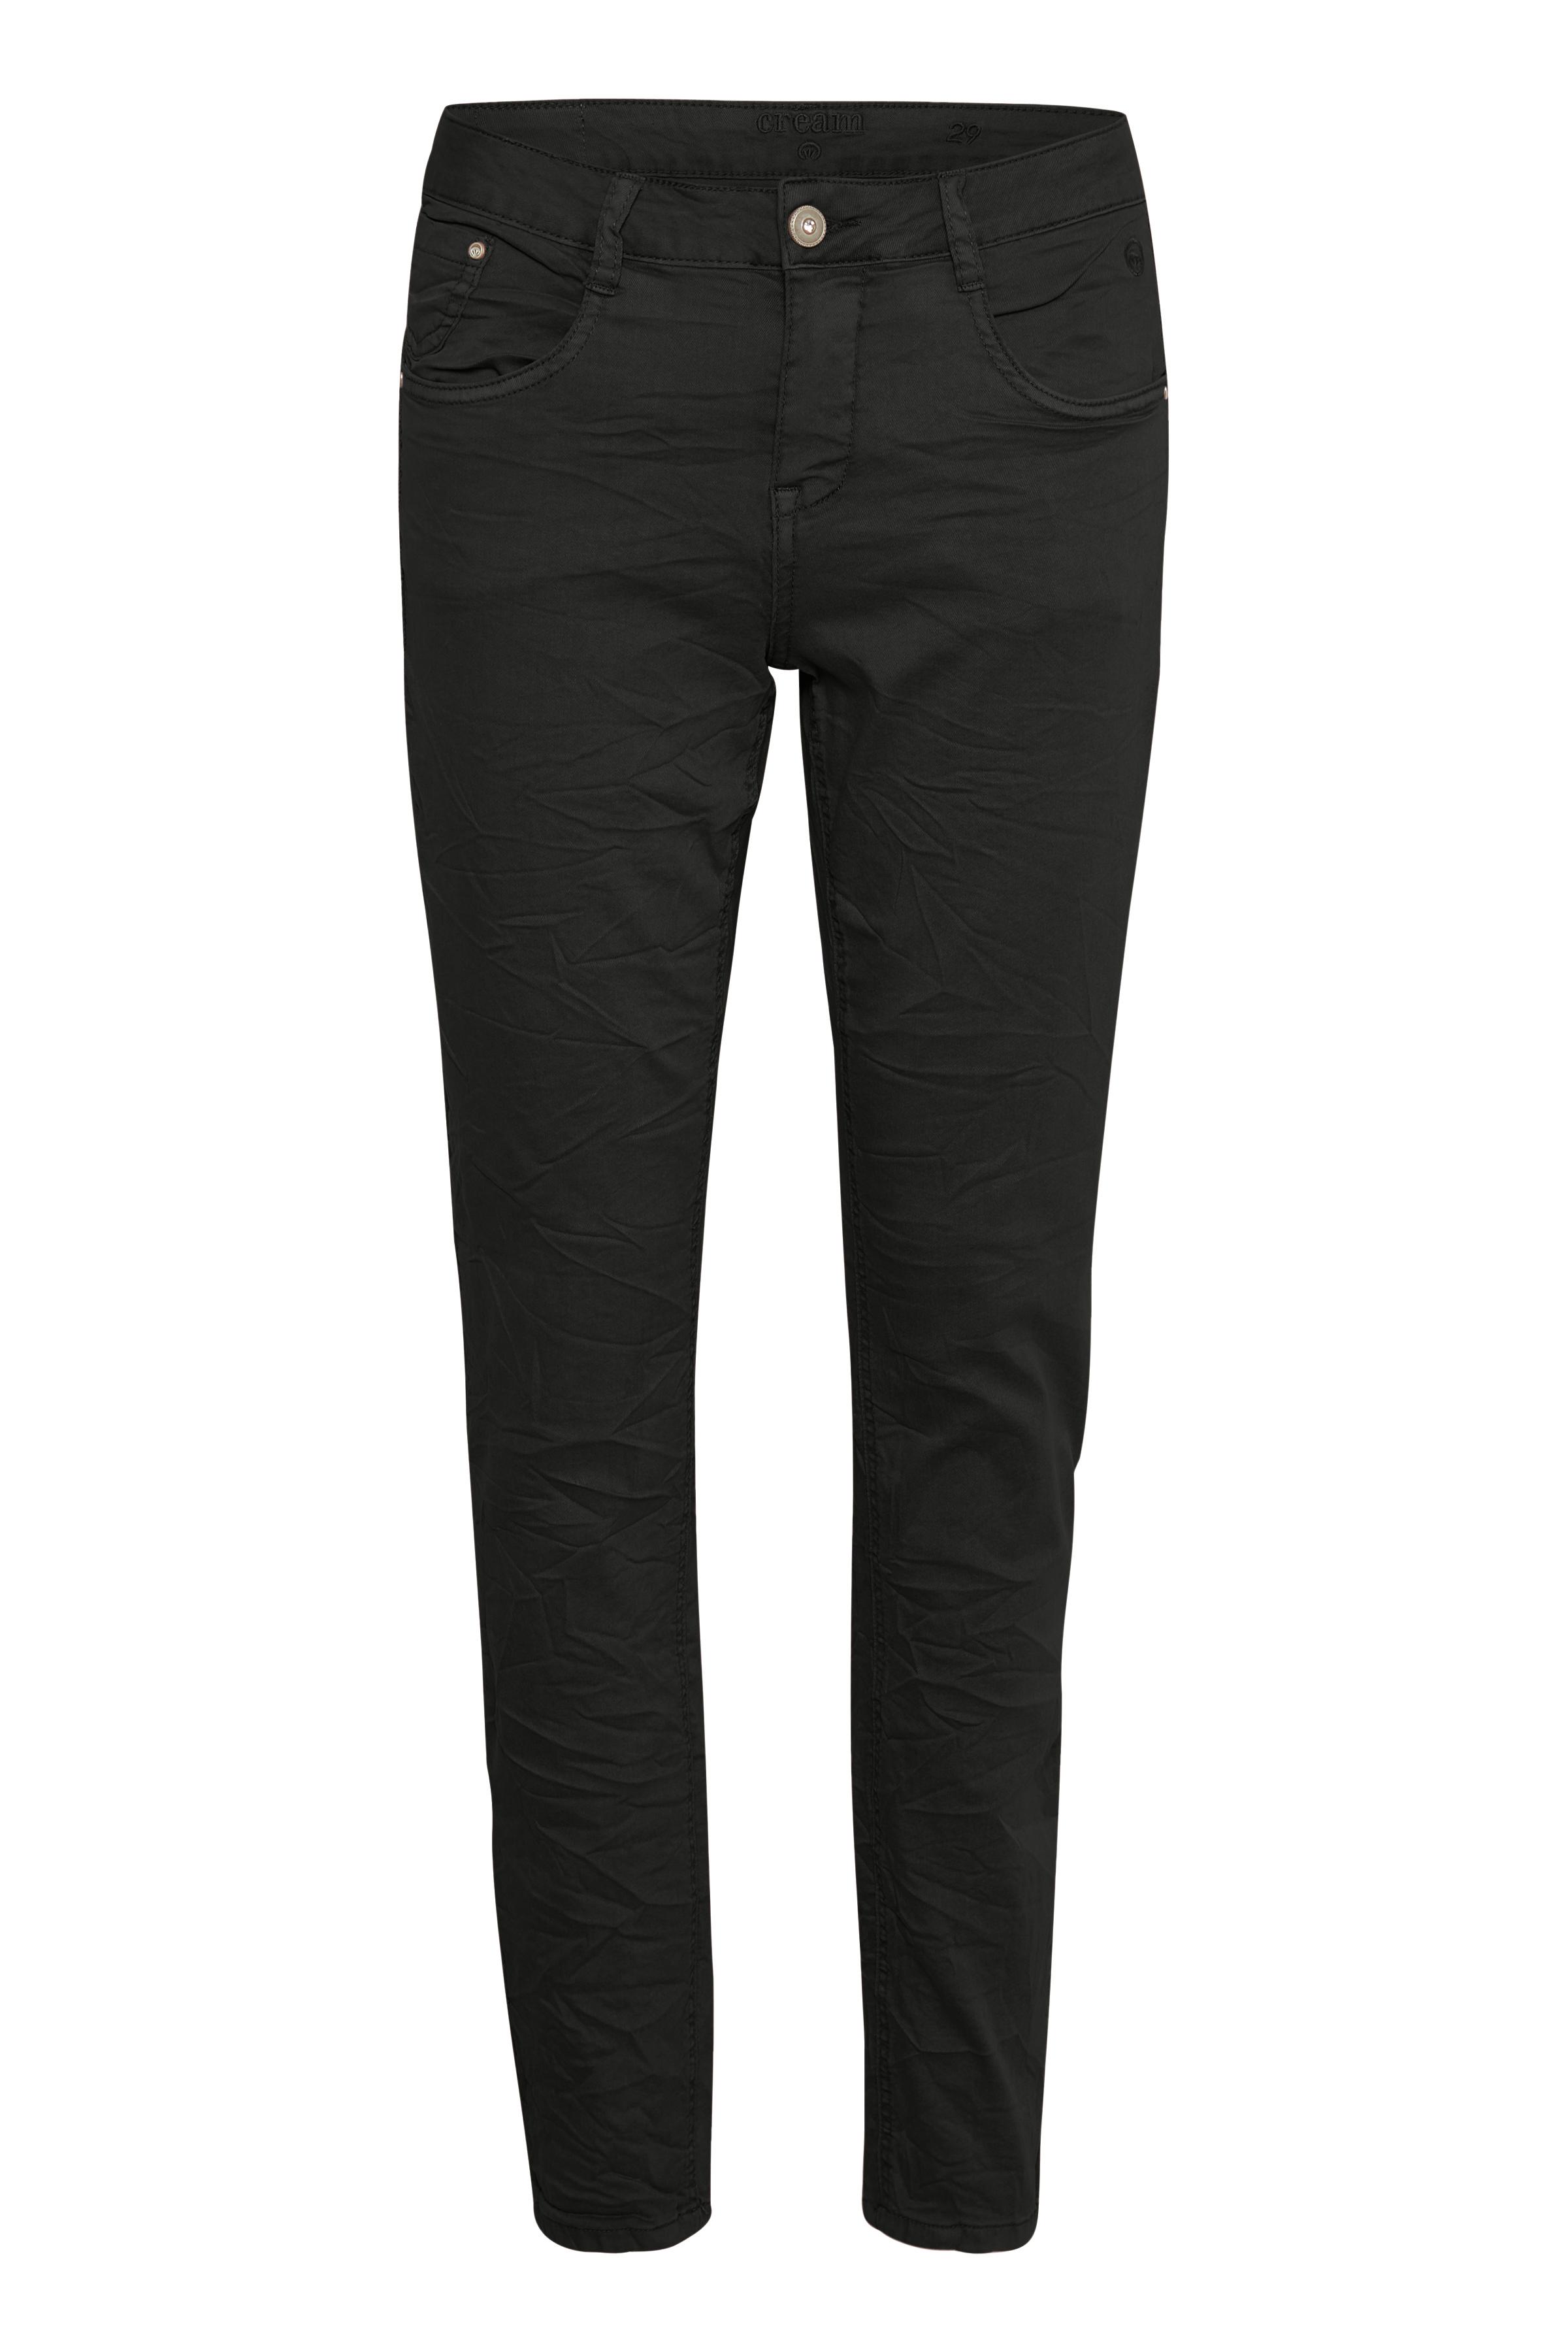 Svart Jeans från Cream – Köp Svart Jeans från stl. 24-34 här